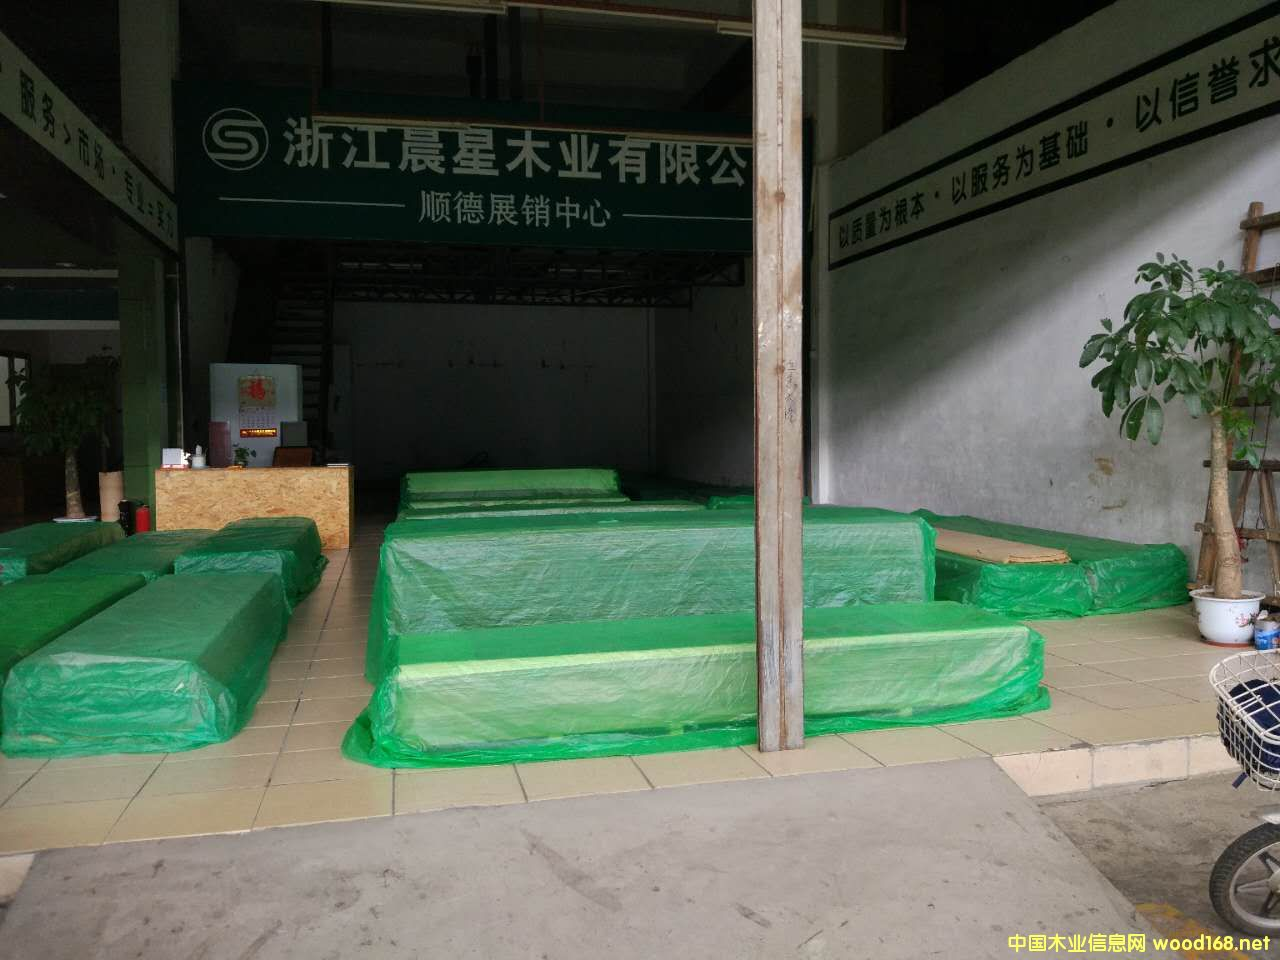 佛山市木易木业有限公司的详细介绍